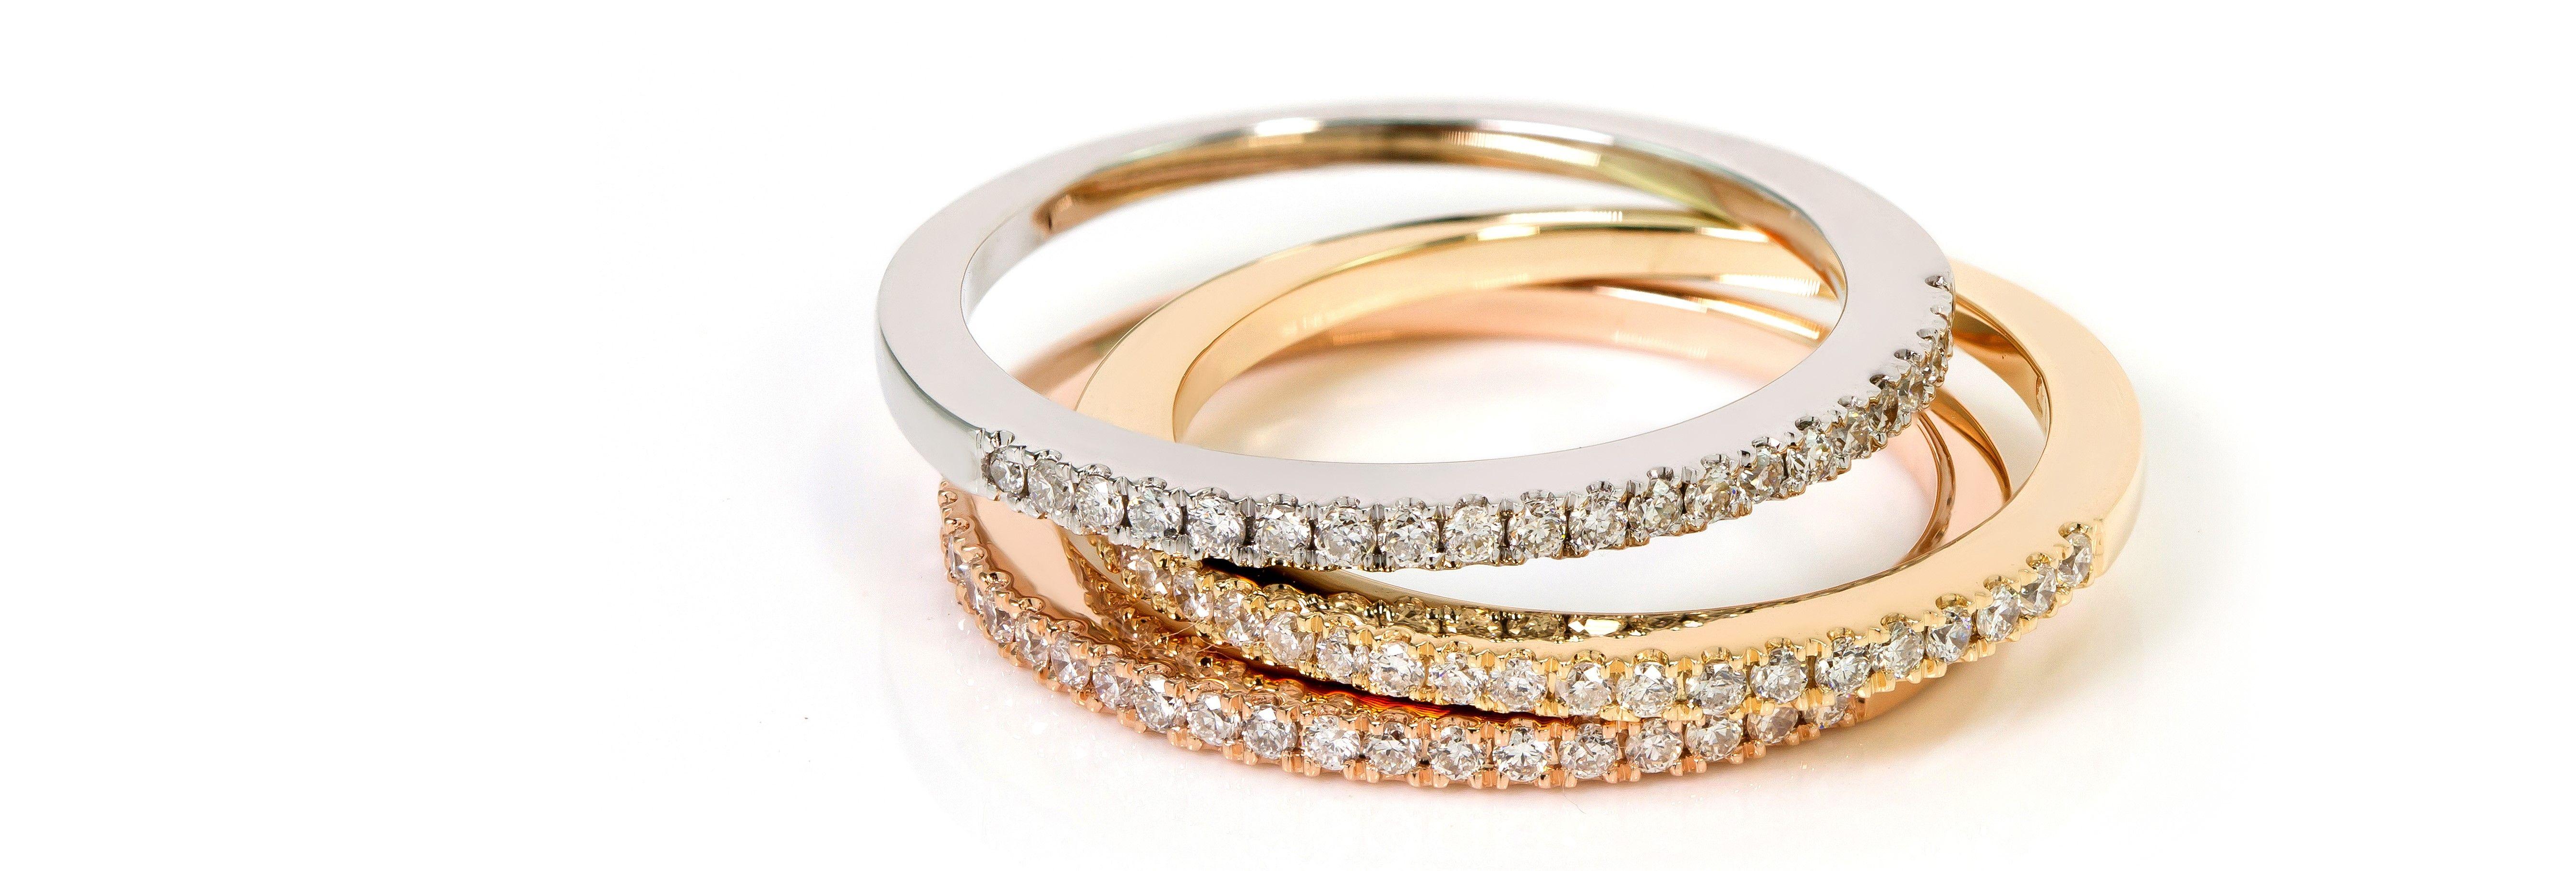 anillos oro blanco, rosa y amarillo.